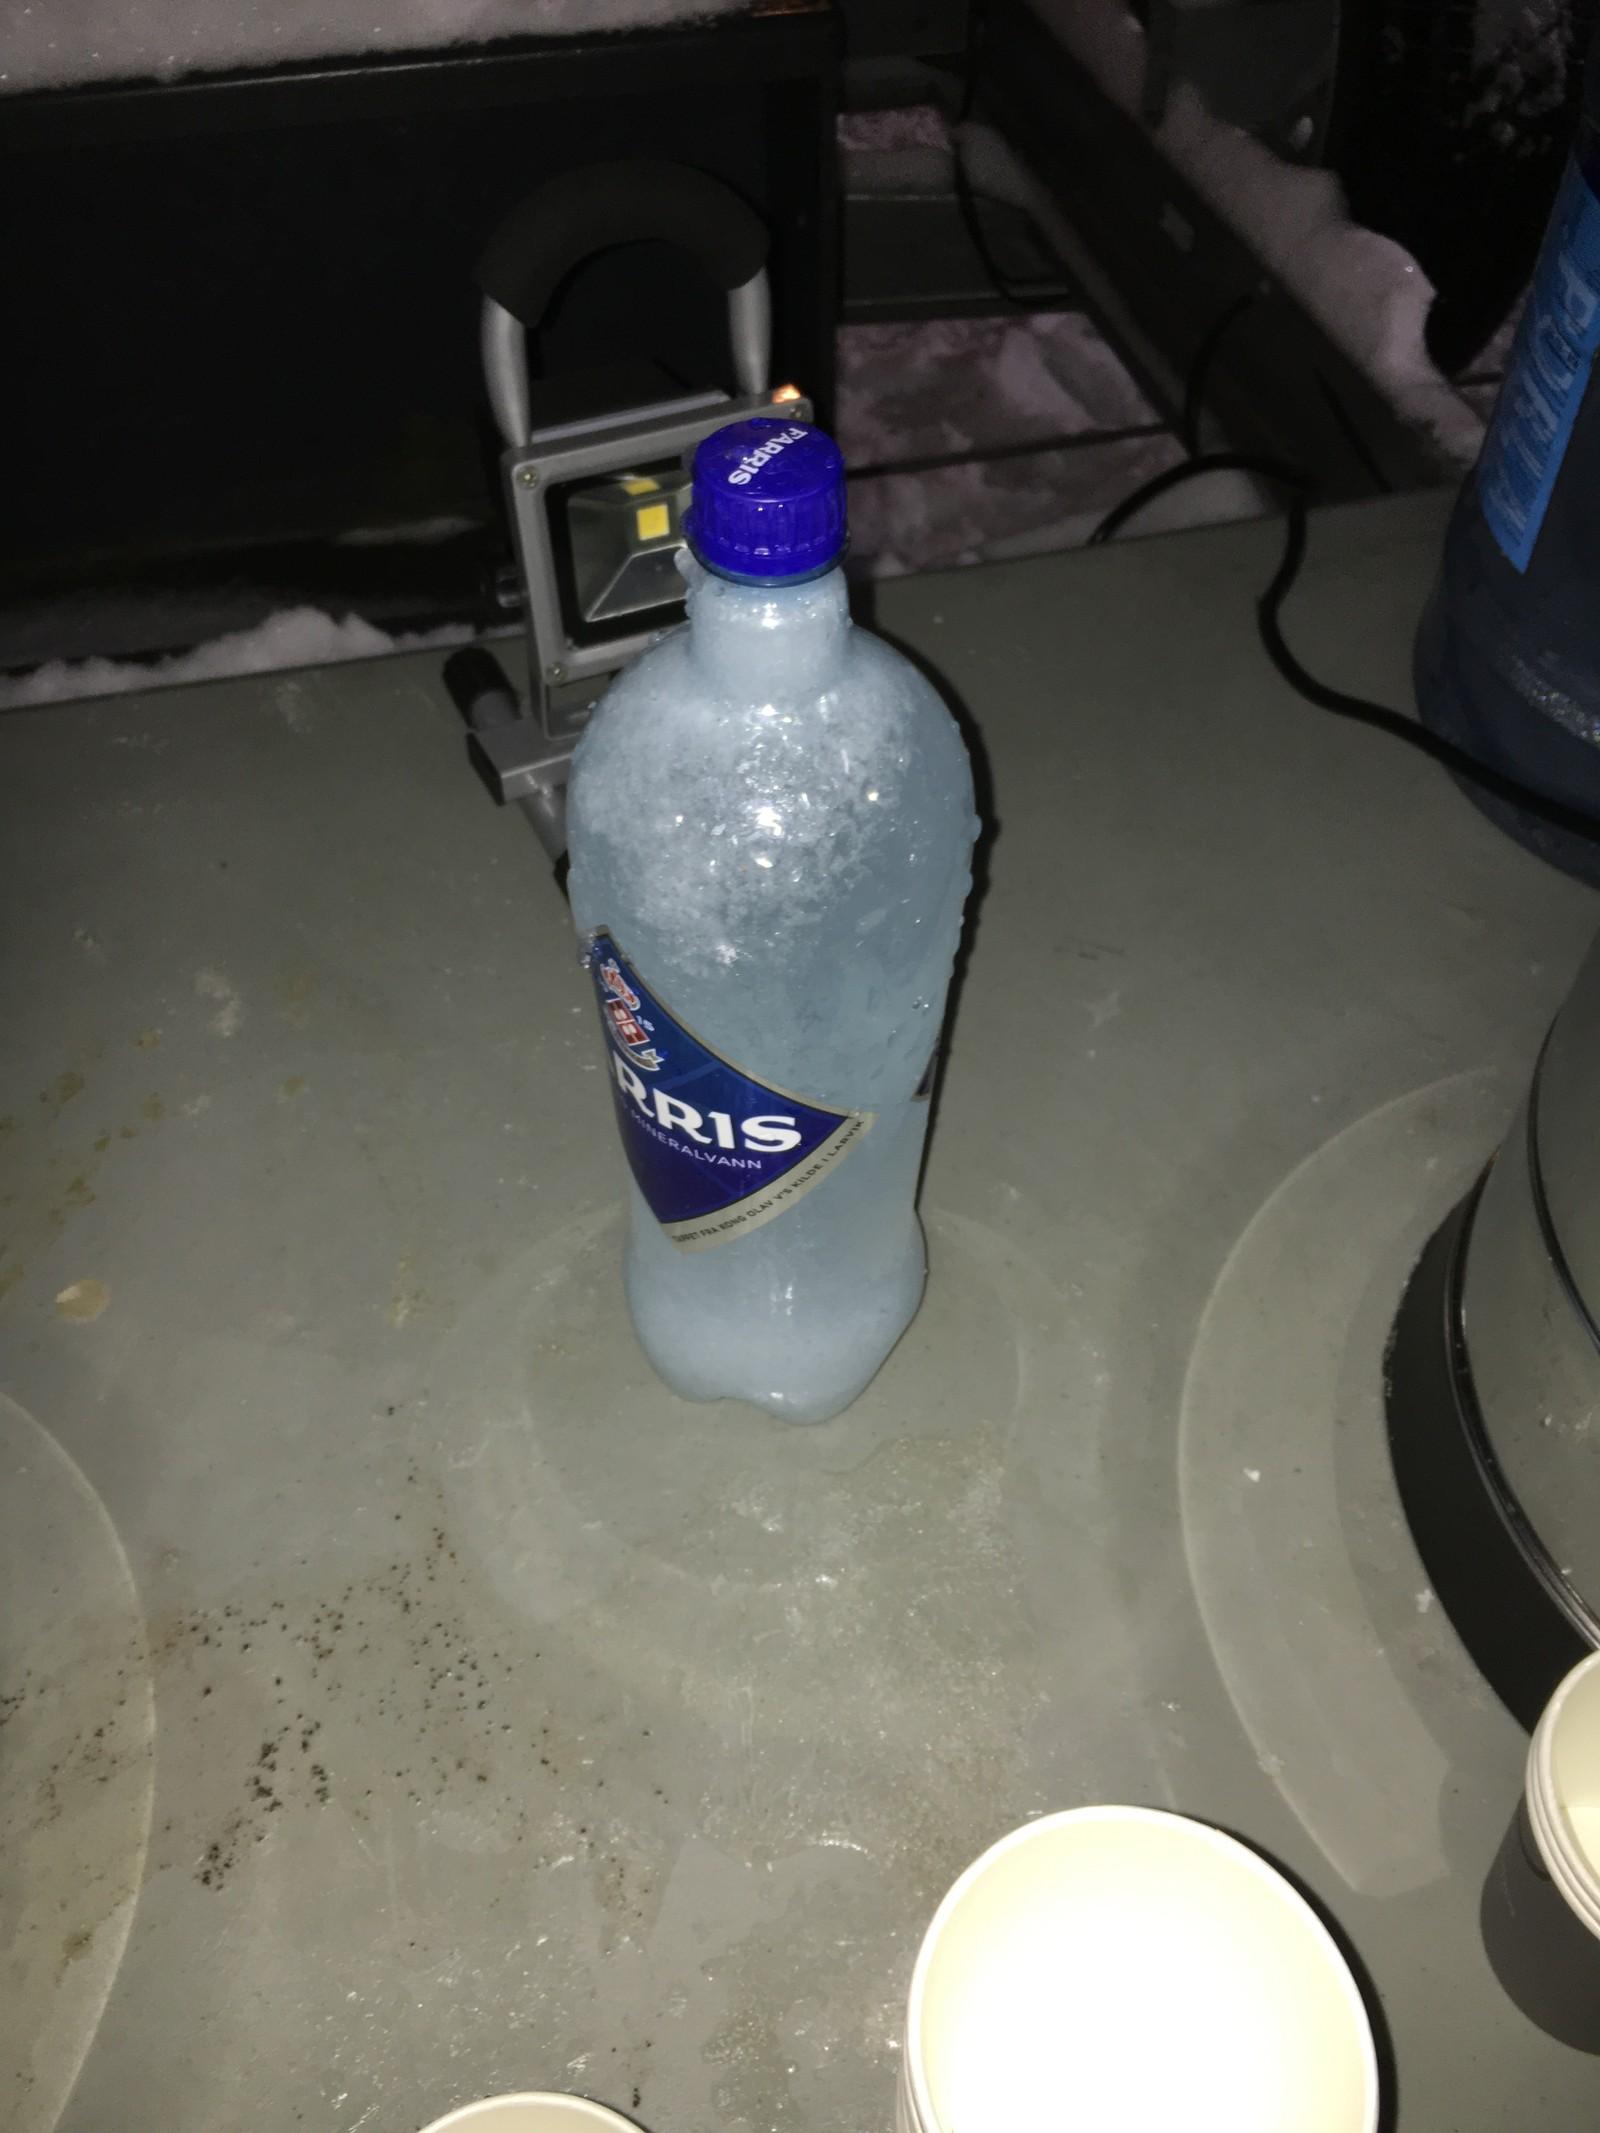 KALD FORNØYELSE: En gjennomfrosset Farris-flaske på settet.